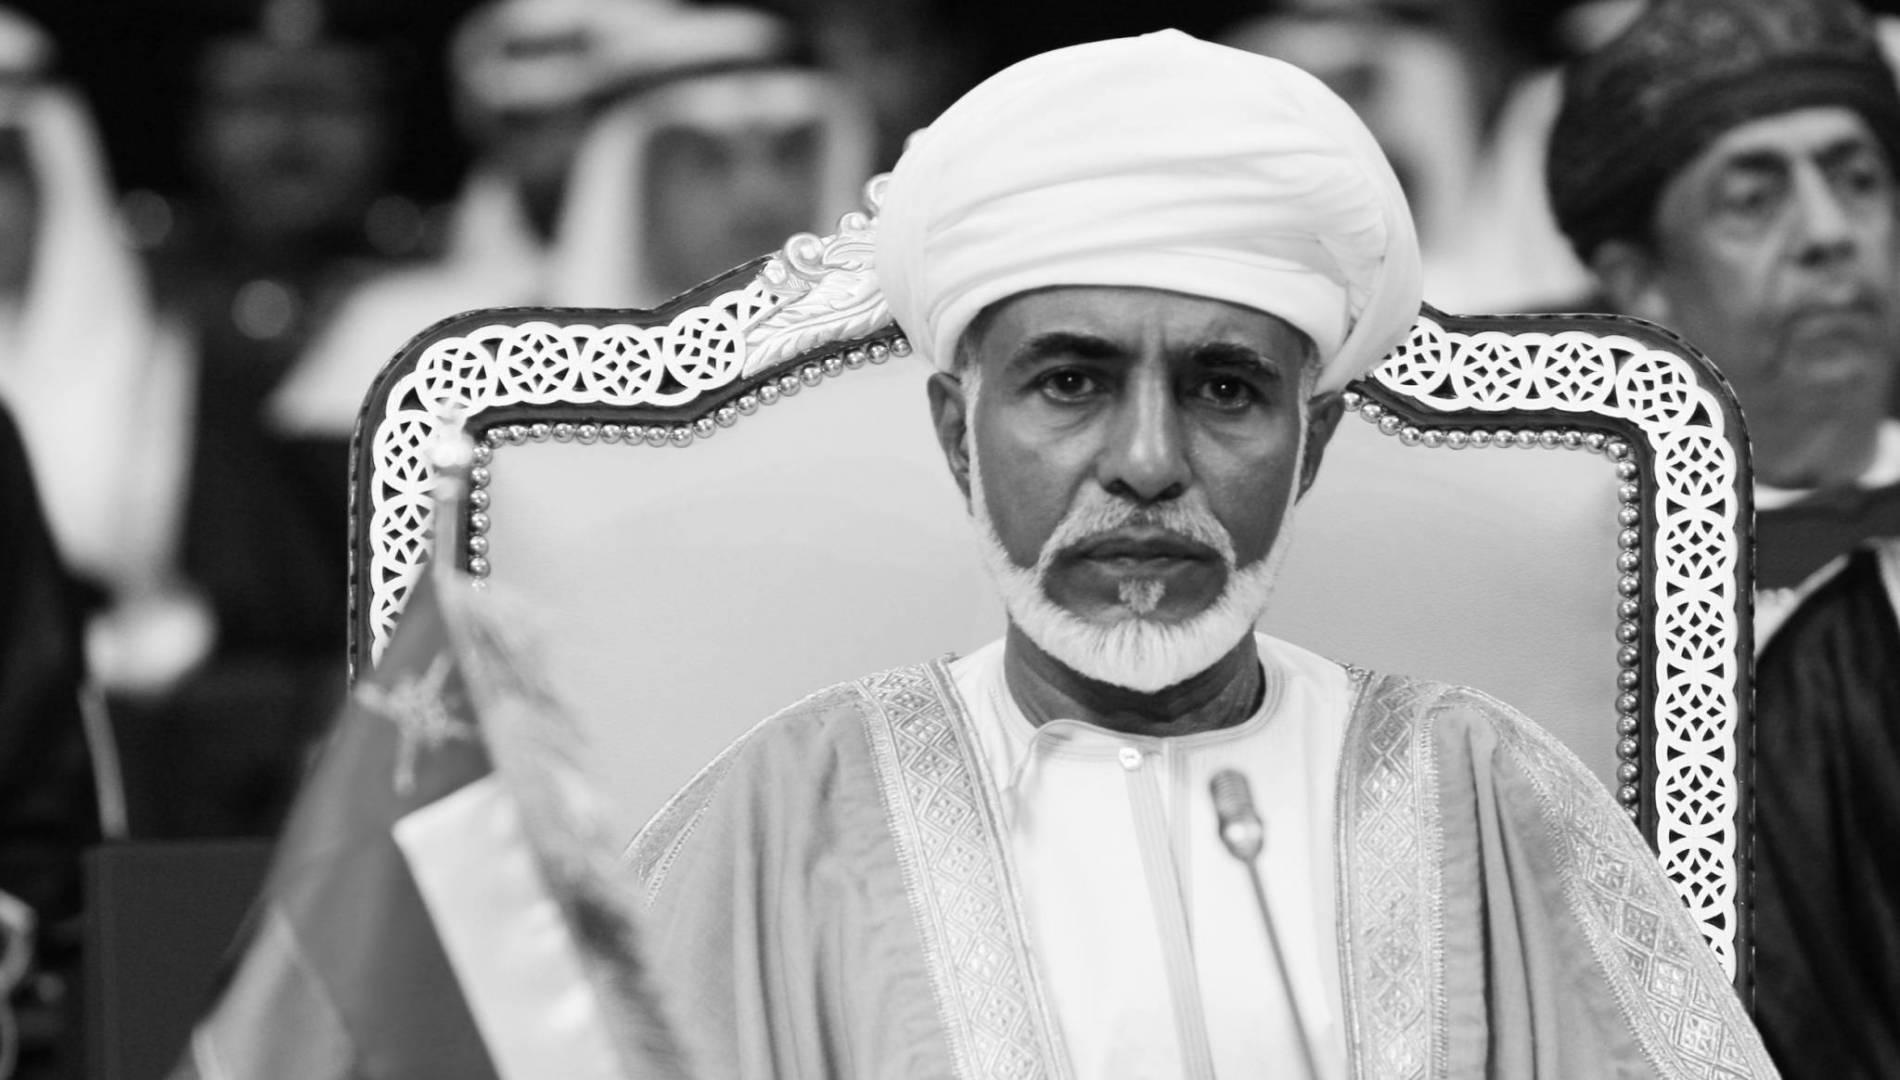 عمان في عهد قابوس .. نهضة شاملة قادها السلطان الراحل